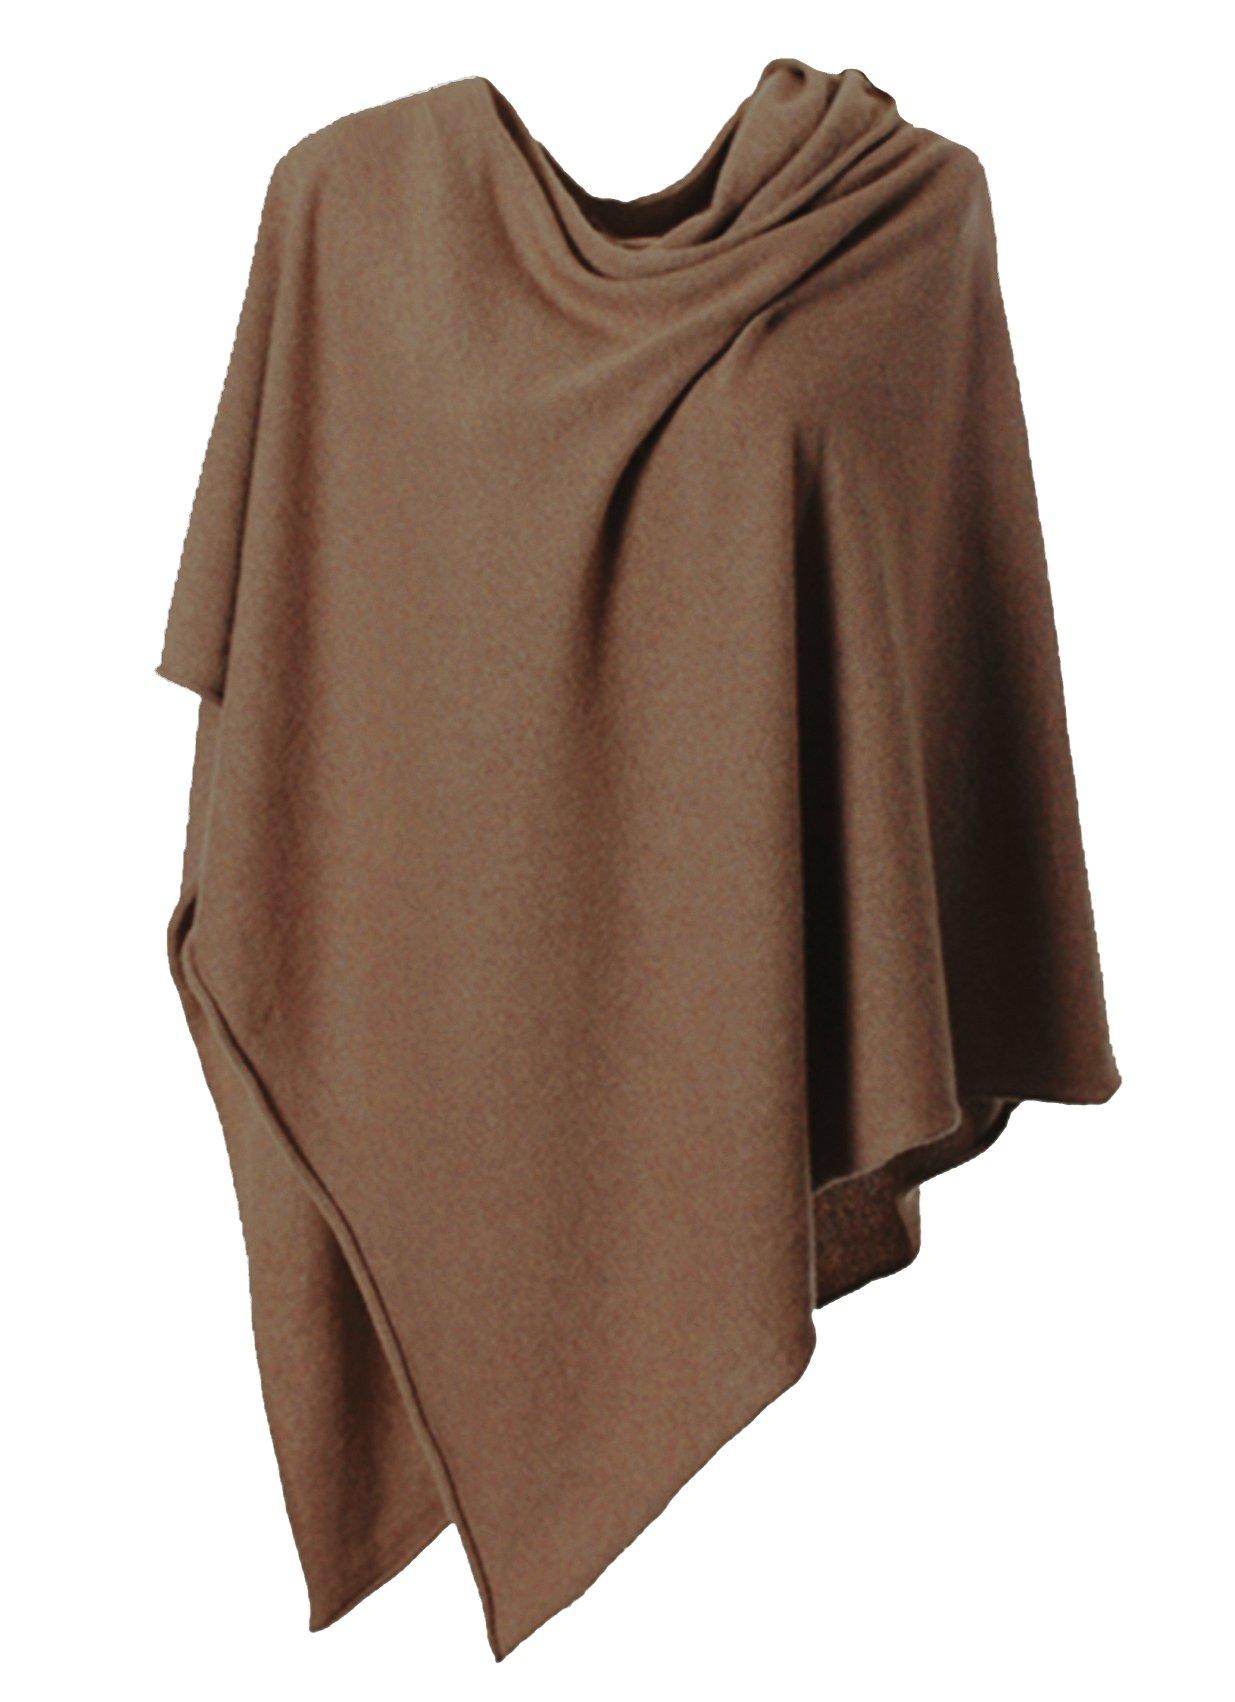 Anna Kristine Asymmetrical 100% Cashmere Draped Poncho Topper - Chocolate by Anna Kristine